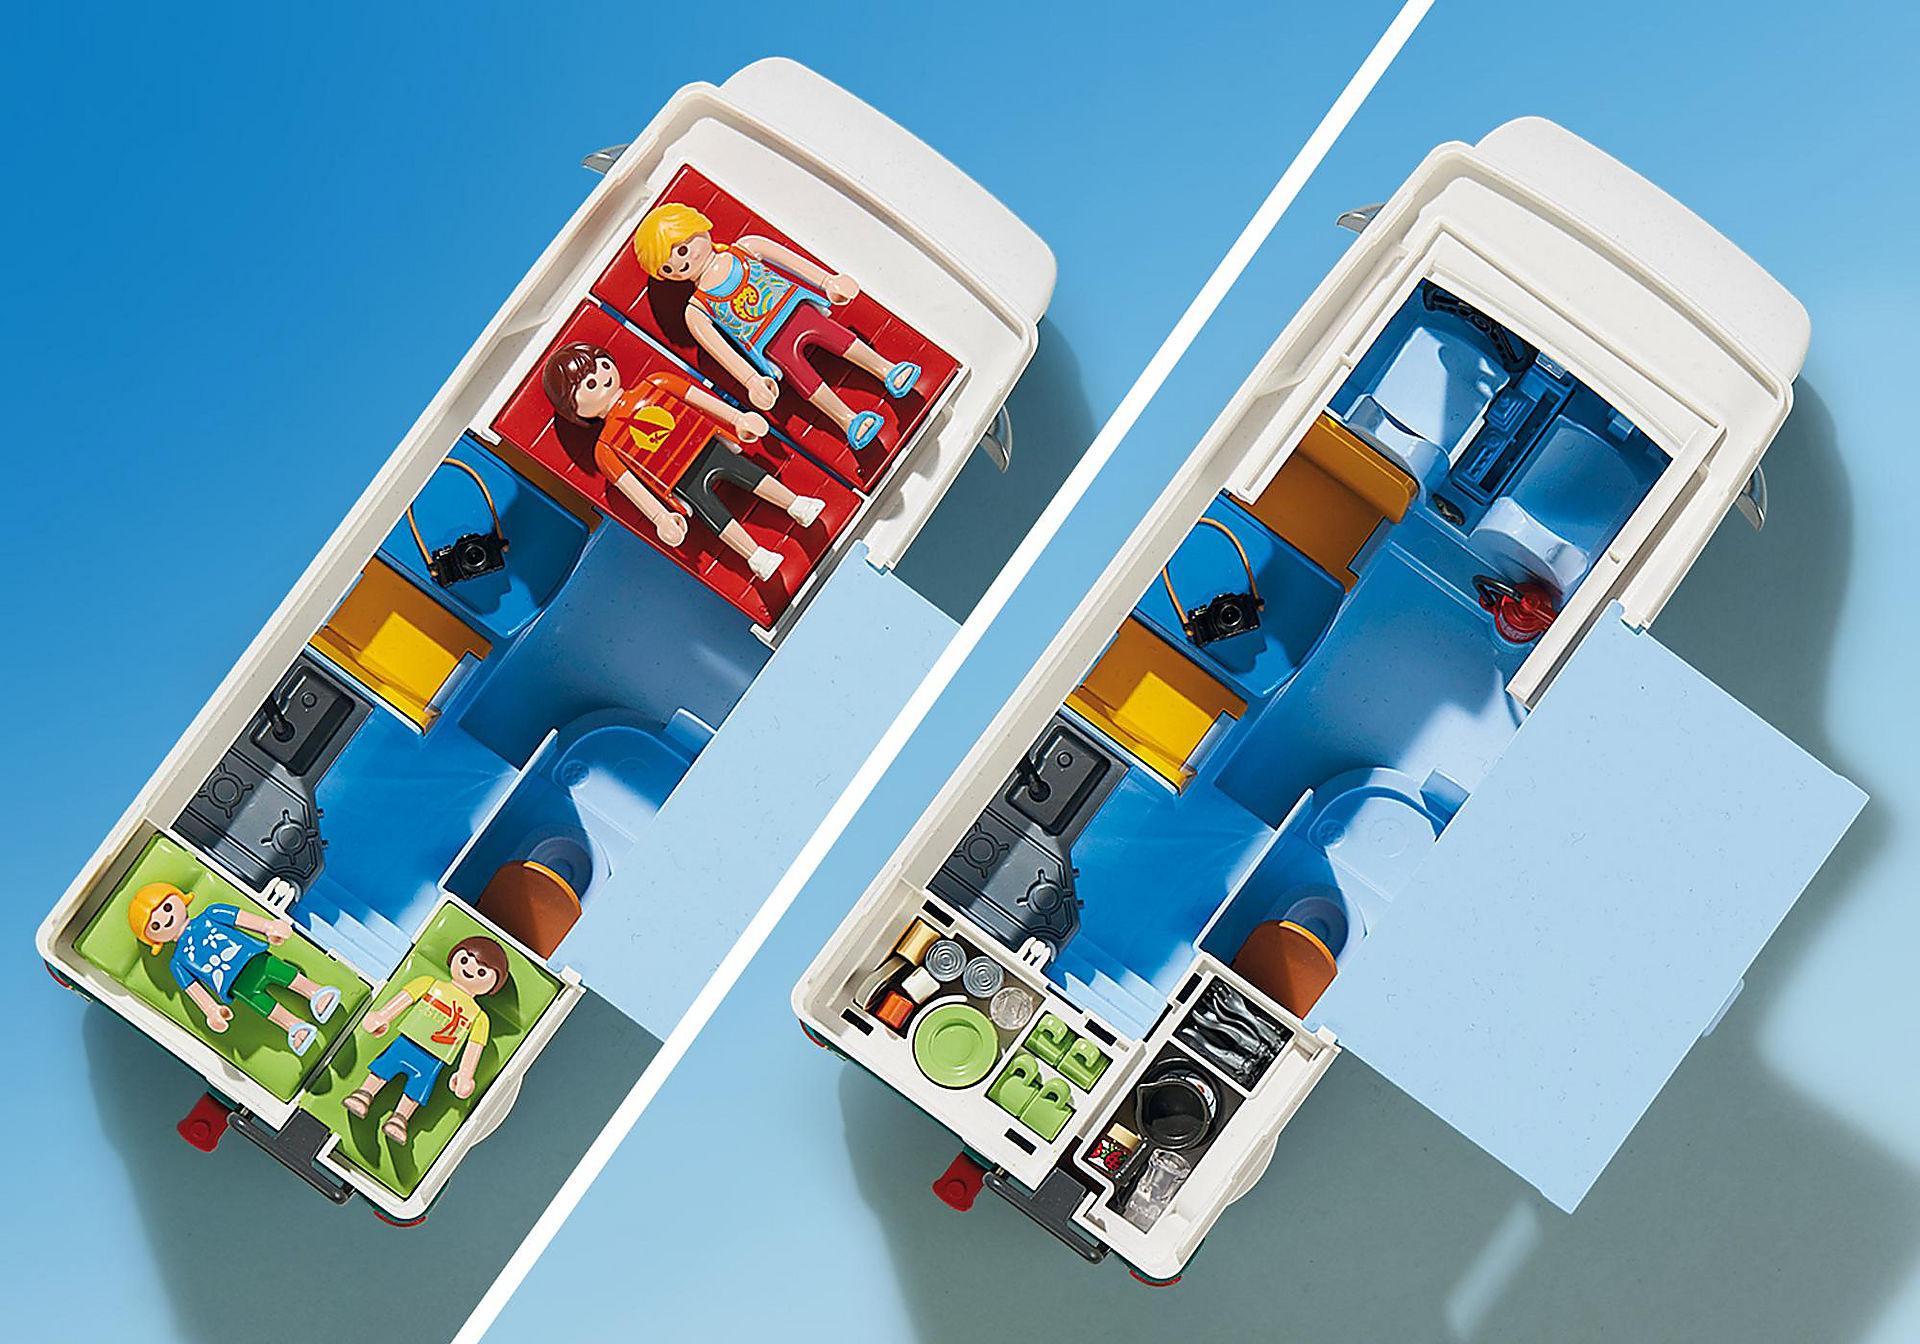 http://media.playmobil.com/i/playmobil/6671_product_extra4/Caravana de Verano